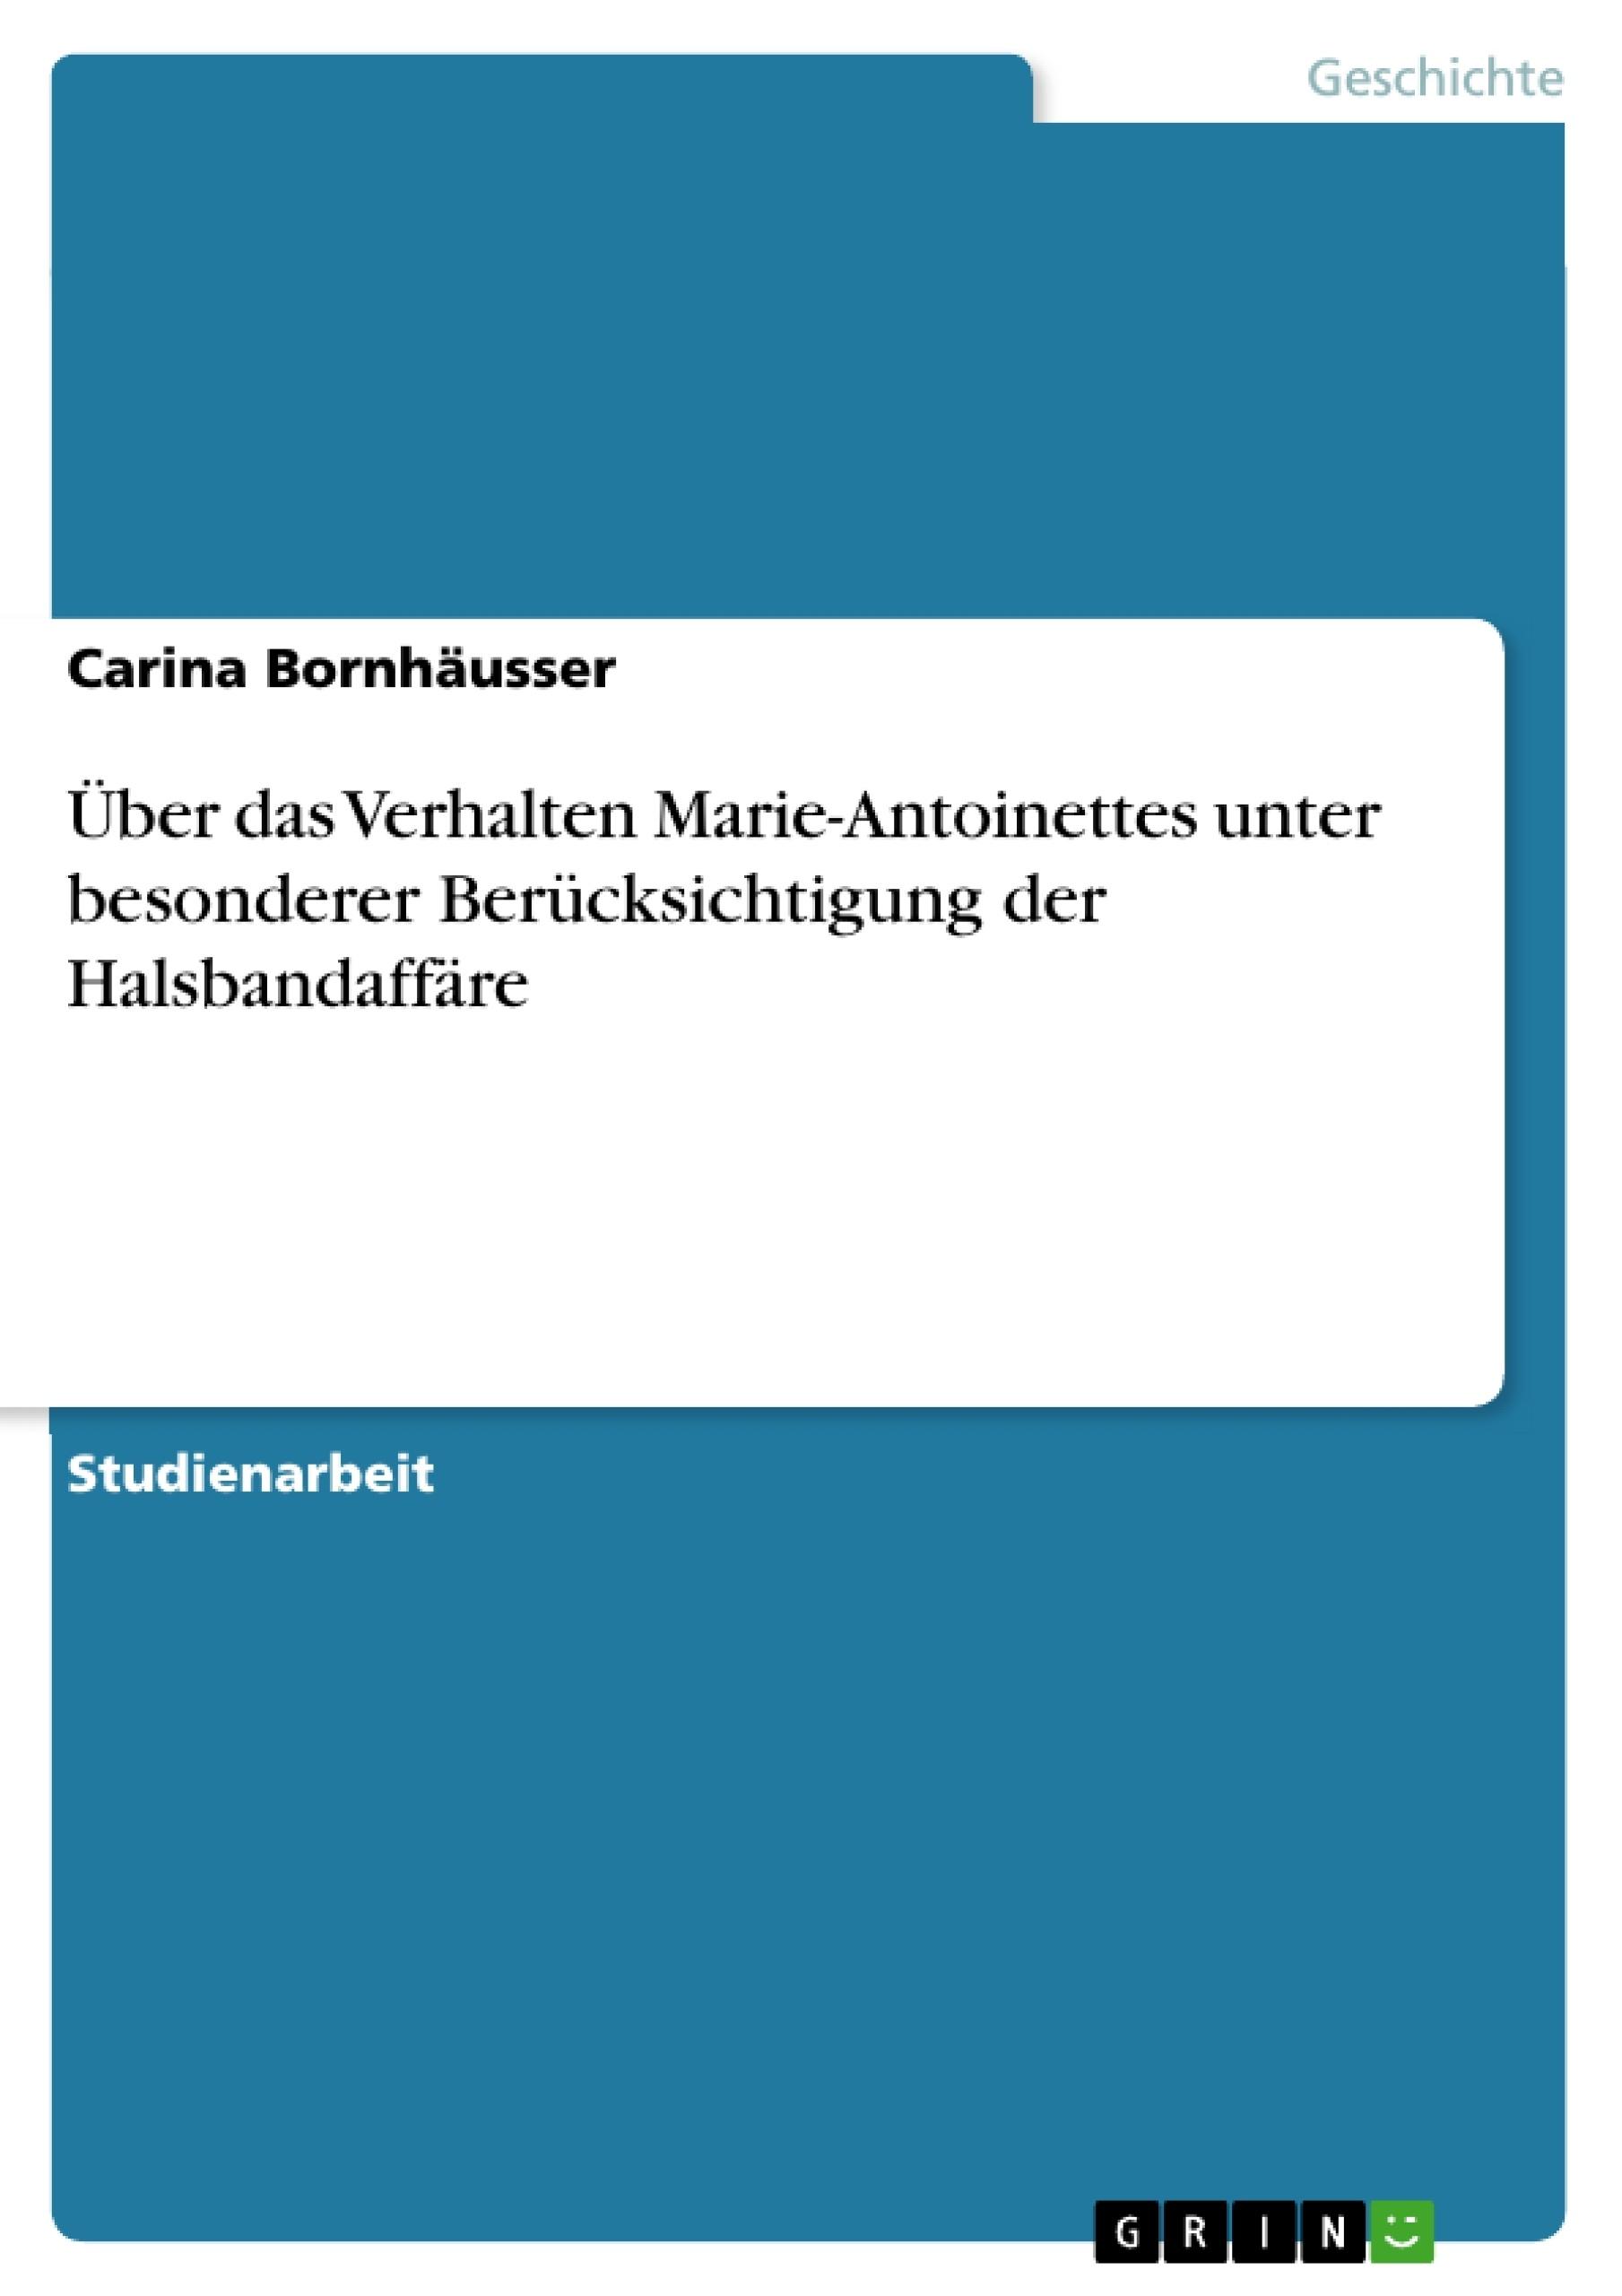 Titel: Über das Verhalten Marie-Antoinettes unter besonderer Berücksichtigung der Halsbandaffäre